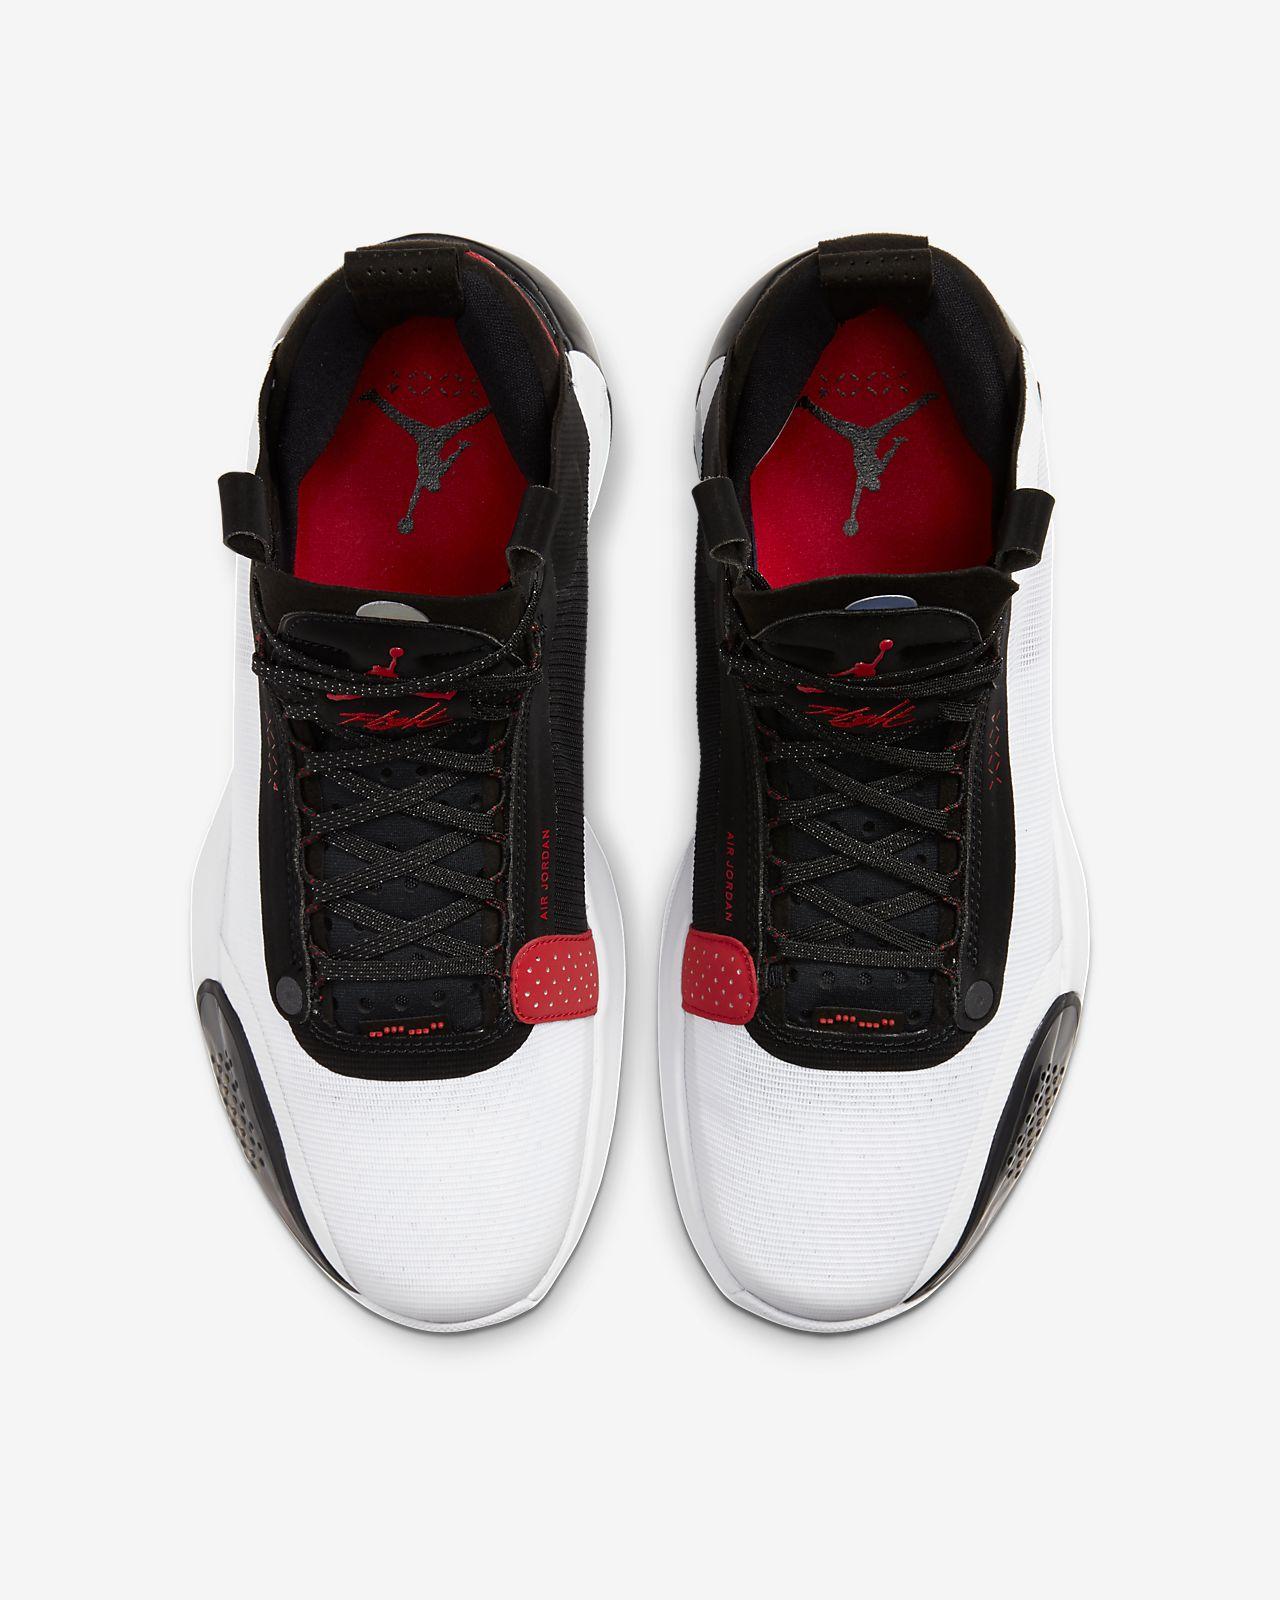 buying jordan shoes